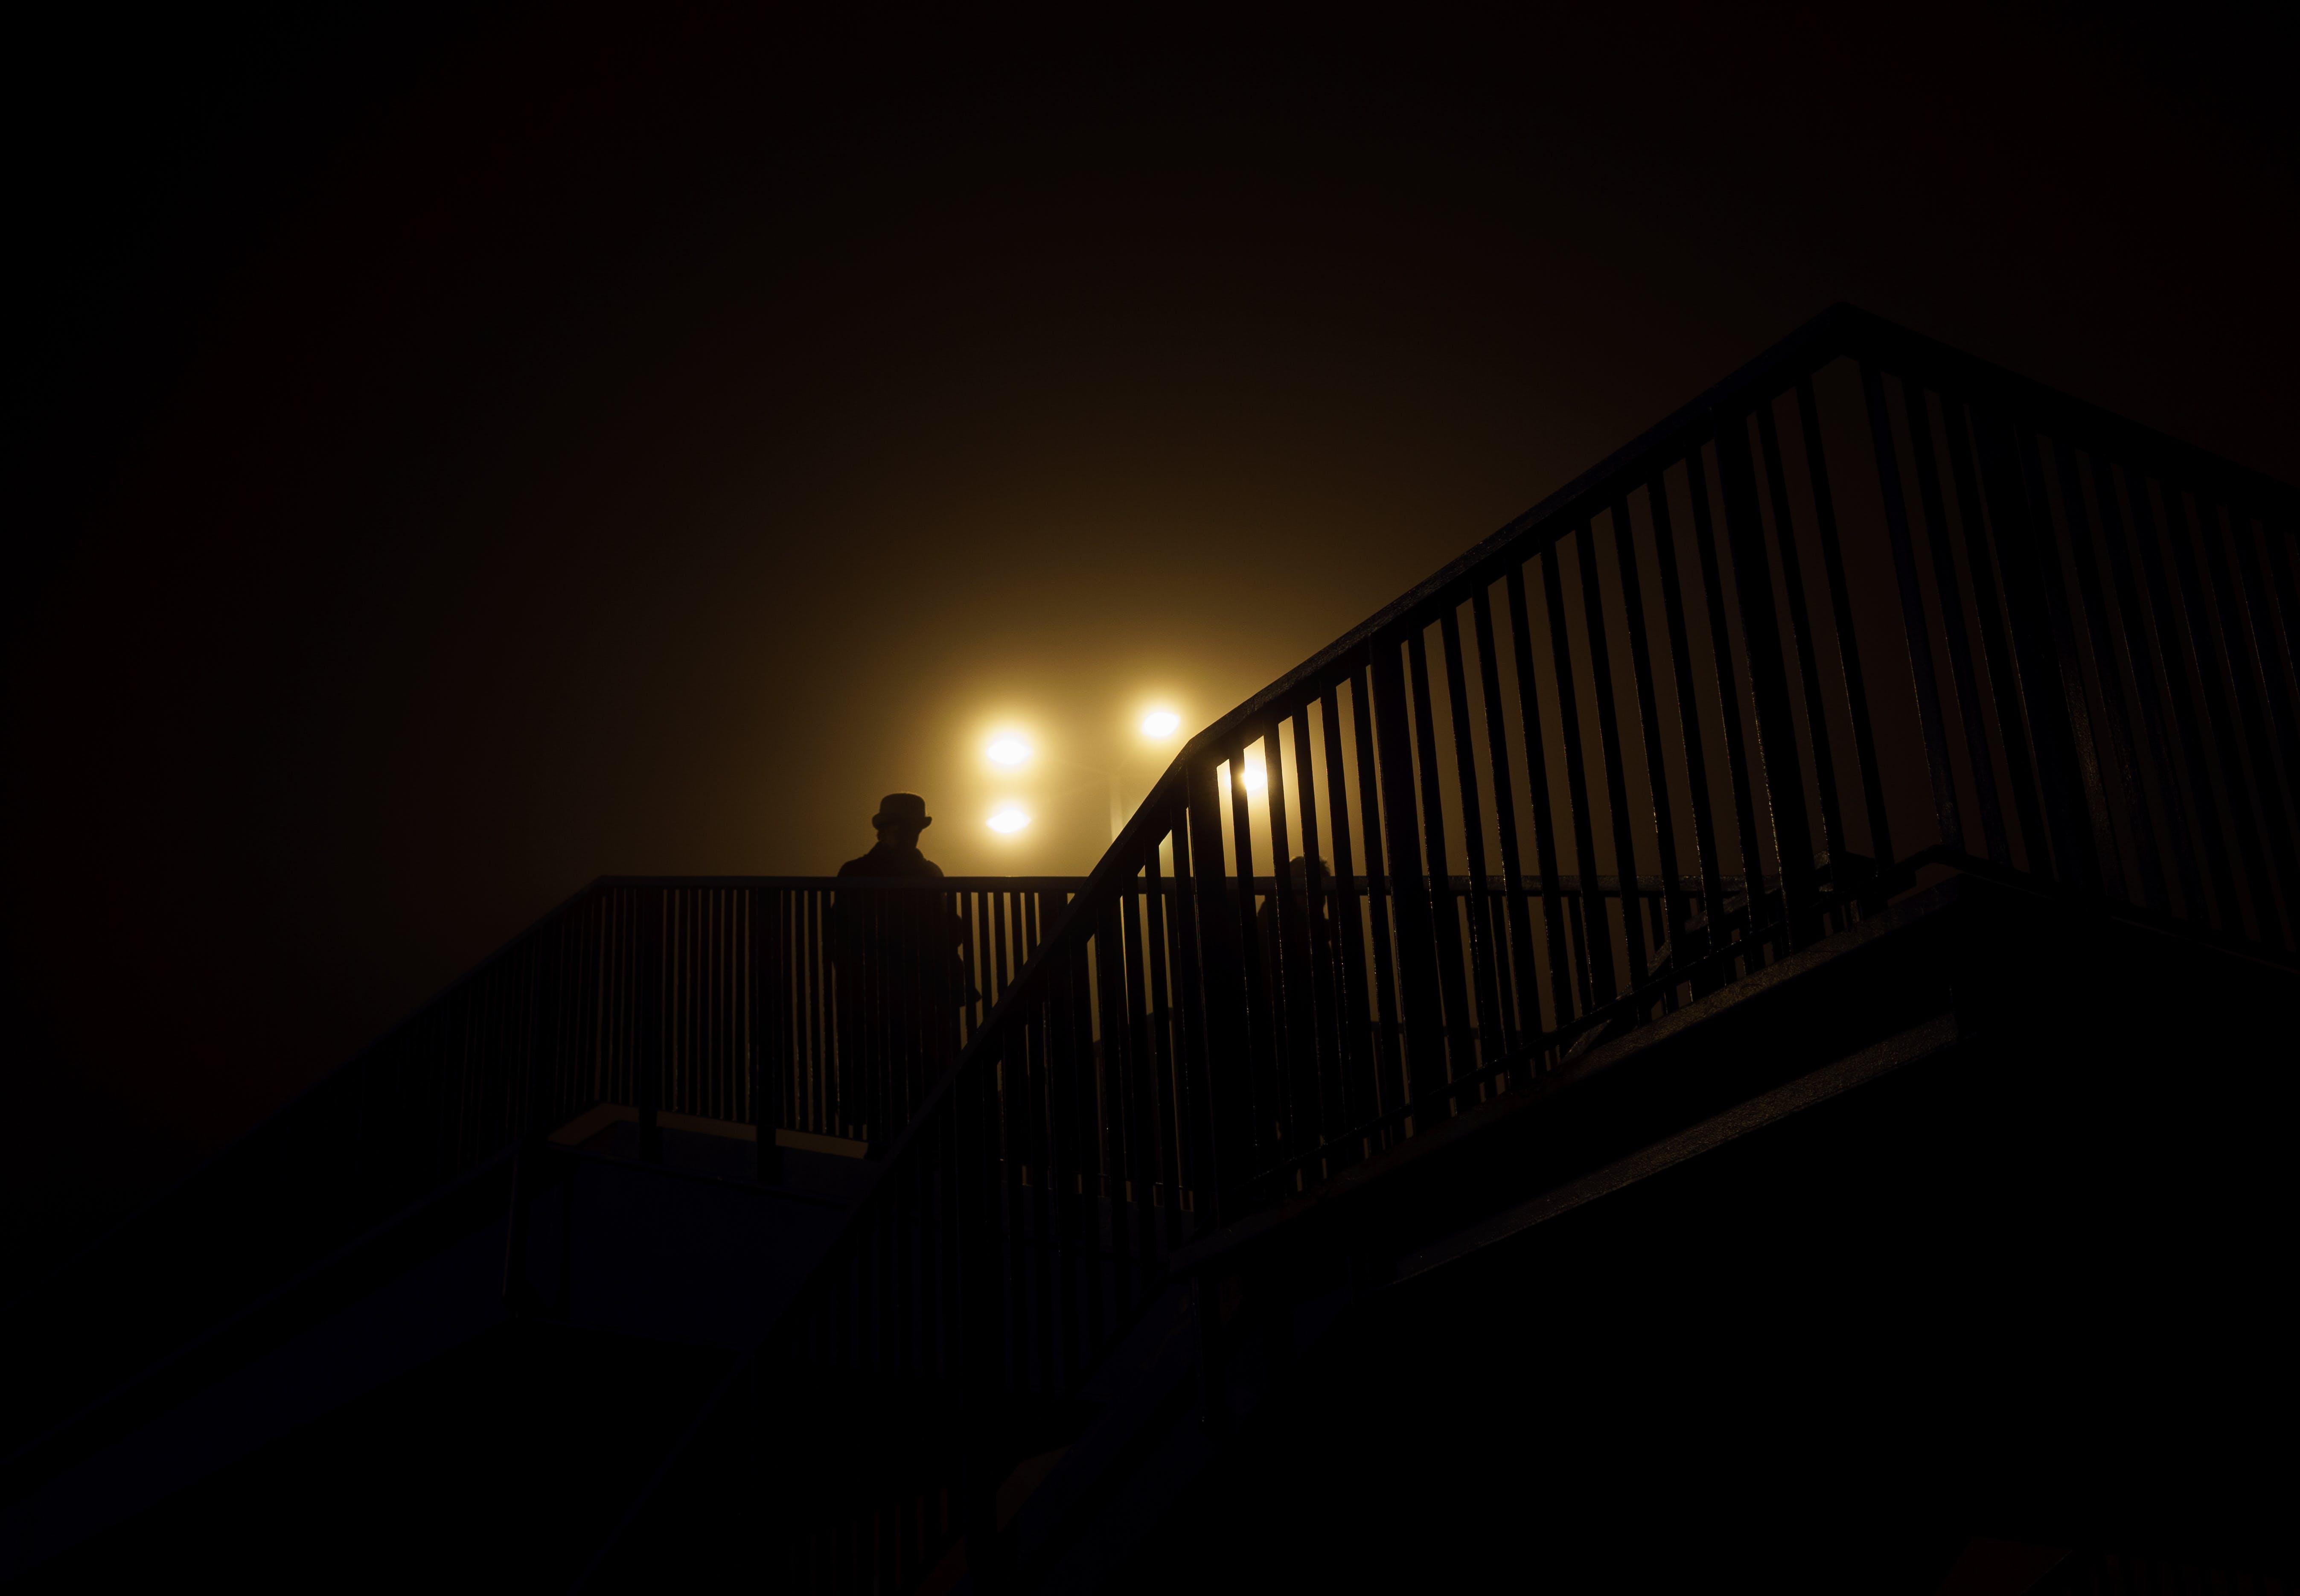 Black Fence Photo